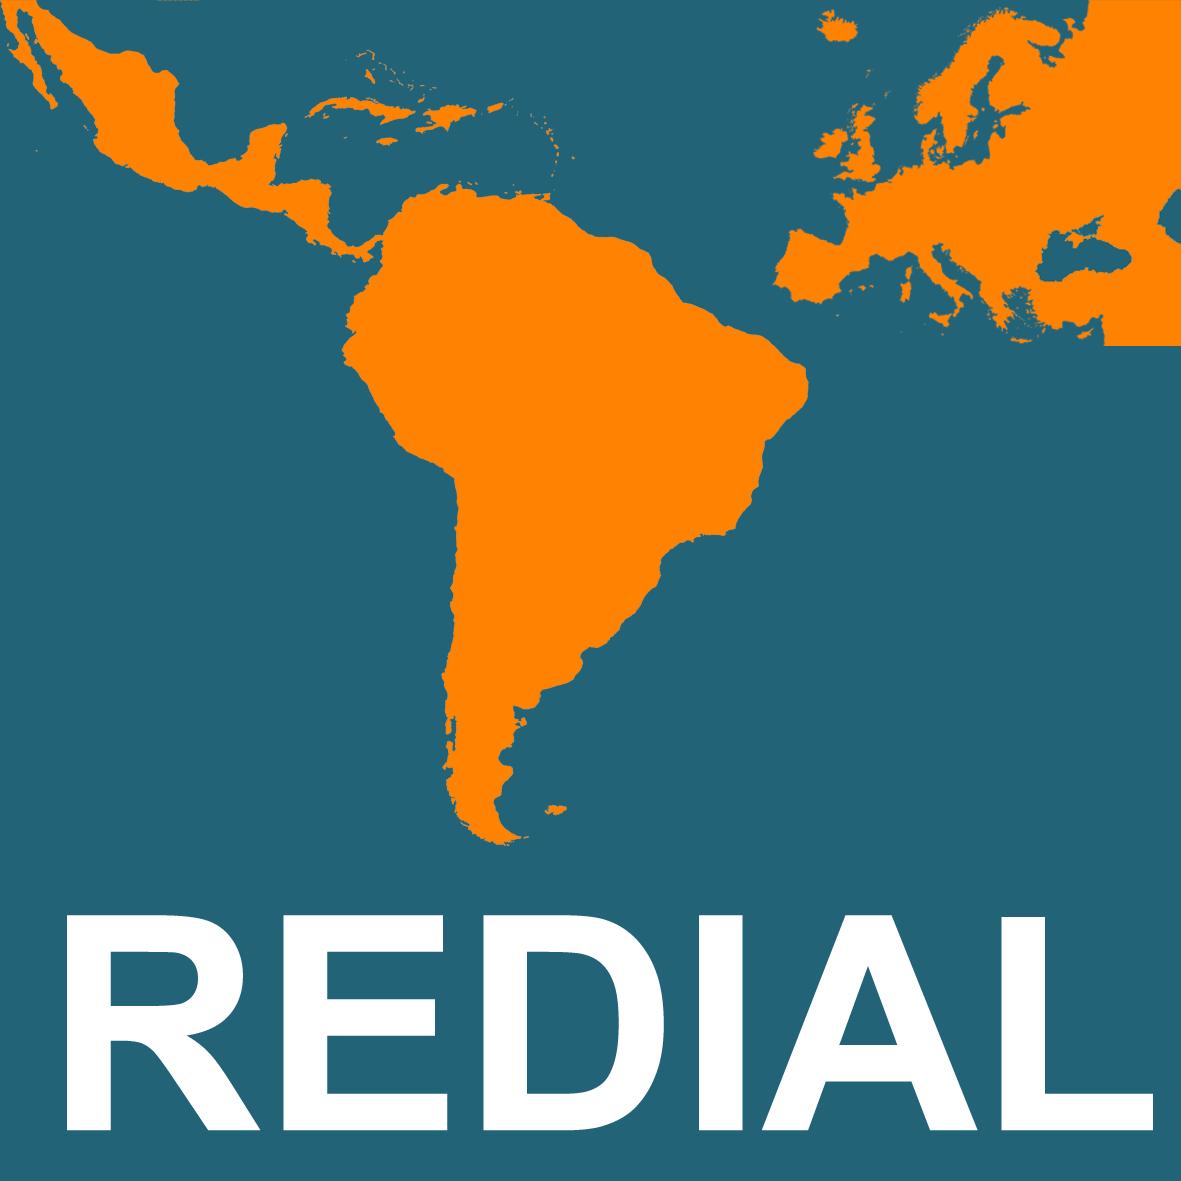 logo for Red Europea de Información y Documentación sobre América Latina